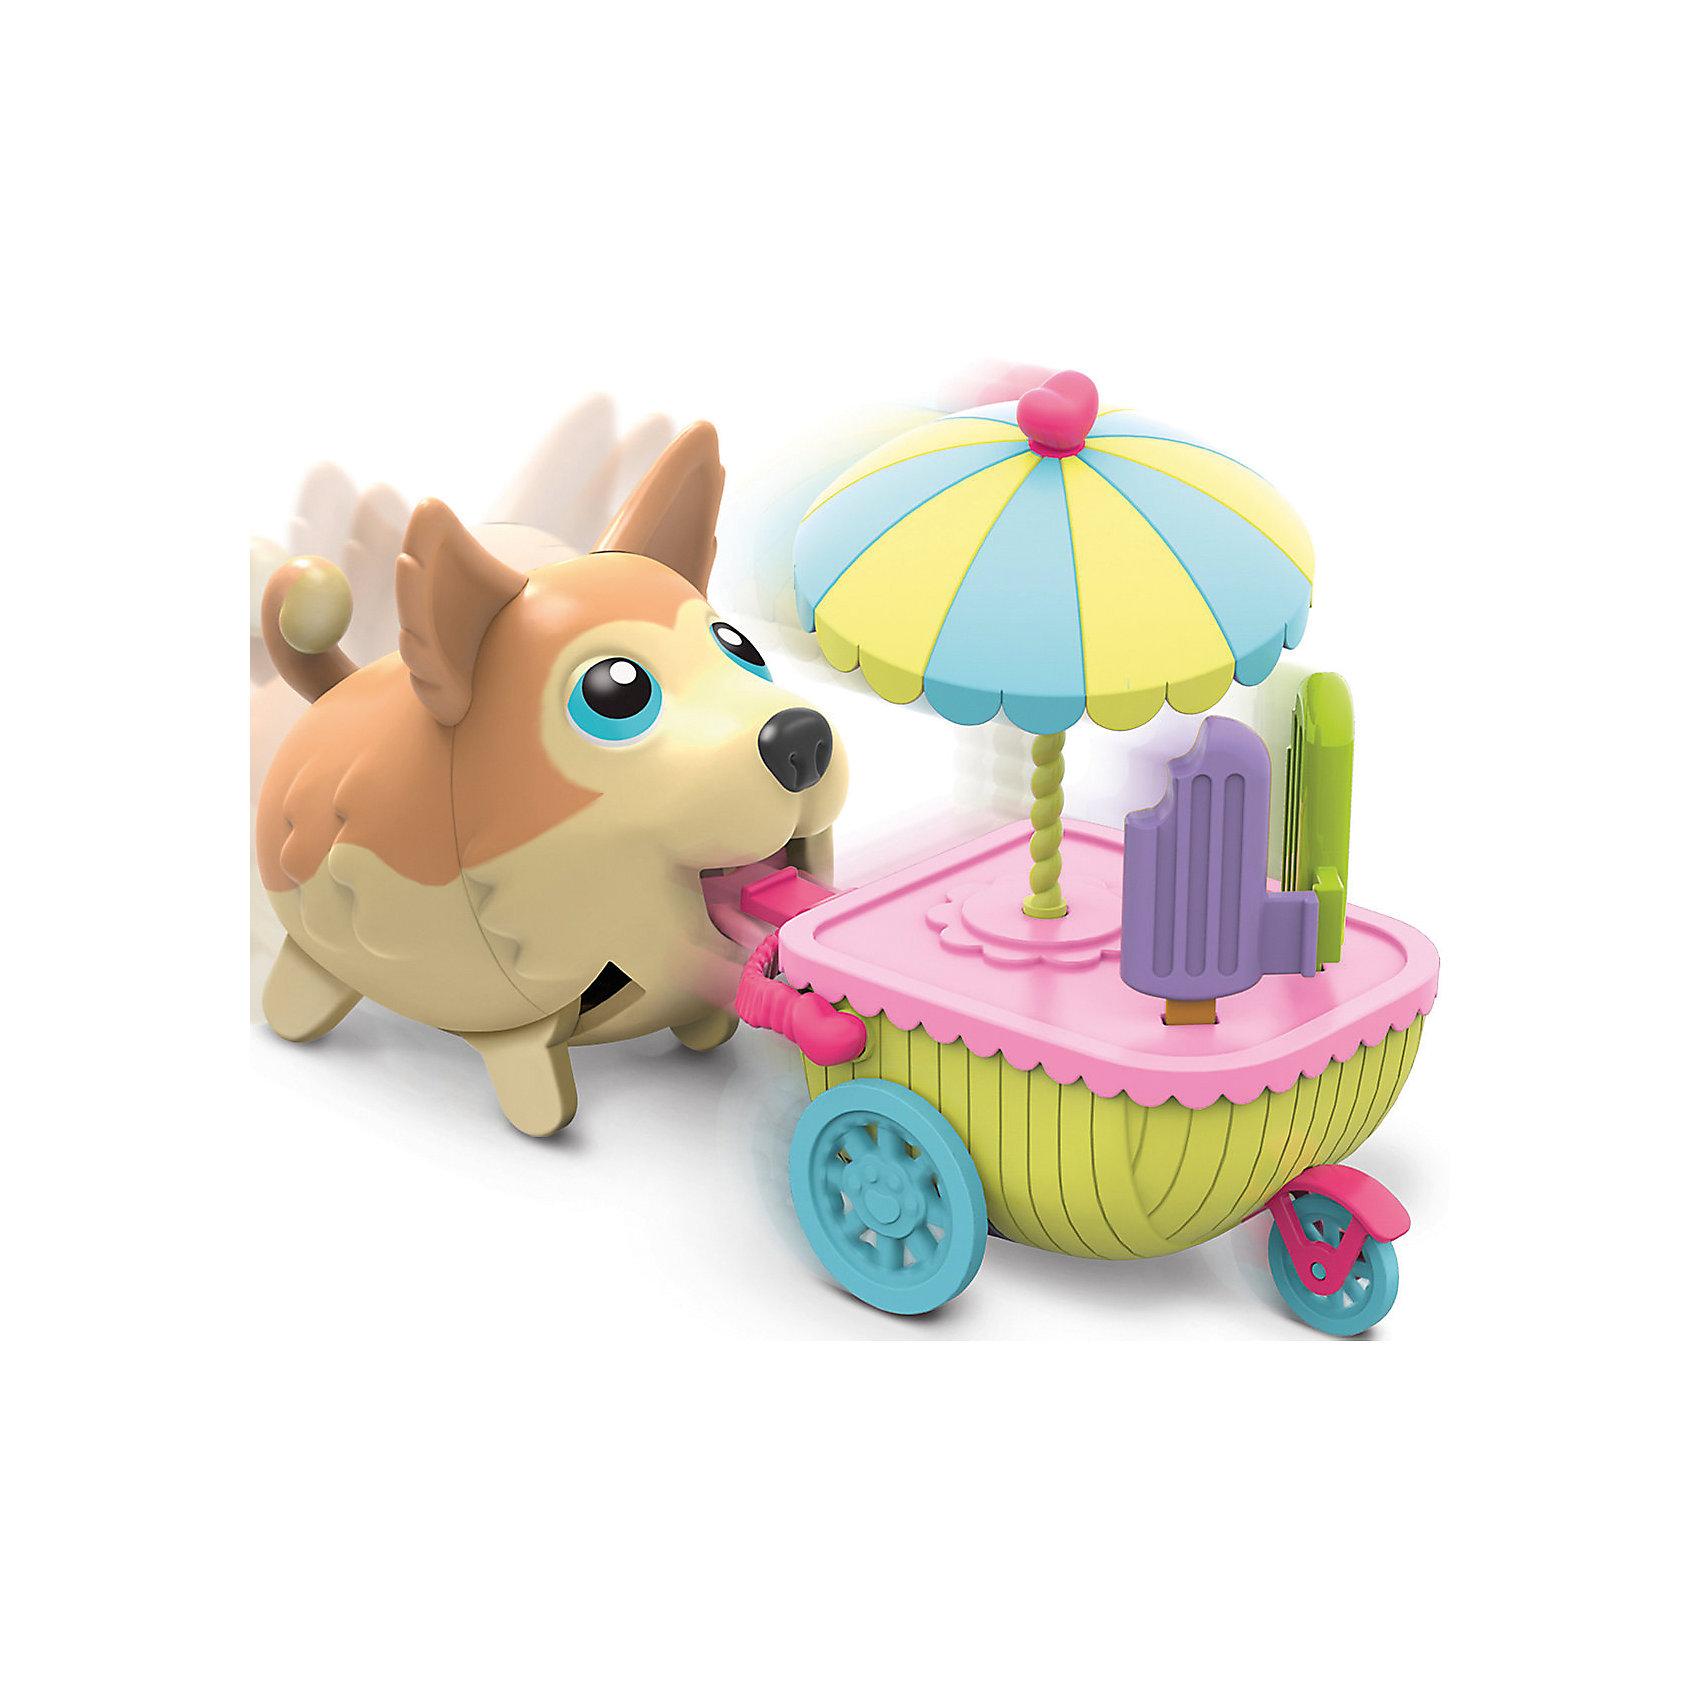 Транспорт Хаски, Chubby PuppiesХарактеристики товара:<br><br>- цвет: разноцветный;<br>- материал: пластик;<br>- размер упаковки: 15х25х11 см;<br>- вес: 350 г;<br>- комплектация: фигурка, транспортное средство. <br><br>Игрушки от бренда Chubby Puppies - это симпатичные животные, которые умеют забавно двигаться. Эта игрушка очень качественно выполнена, поэтому она станет отличным подарком ребенку. Такое изделие отлично тренирует у ребенка разные навыки: играя с ней, малыш развивает мелкую моторику, цветовосприятие, внимание, воображение и творческое мышление.<br>Данная модель дополнена забавным транспортным средством, которое собачка может катать! Из этих фигурок можно собрать целую коллекцию! Изделие произведено из высококачественного материала, безопасного для детей.<br><br>Транспорт Хаски от бренда Chubby Puppies можно купить в нашем интернет-магазине.<br><br>Ширина мм: 110<br>Глубина мм: 150<br>Высота мм: 250<br>Вес г: 350<br>Возраст от месяцев: 36<br>Возраст до месяцев: 2147483647<br>Пол: Женский<br>Возраст: Детский<br>SKU: 5094045